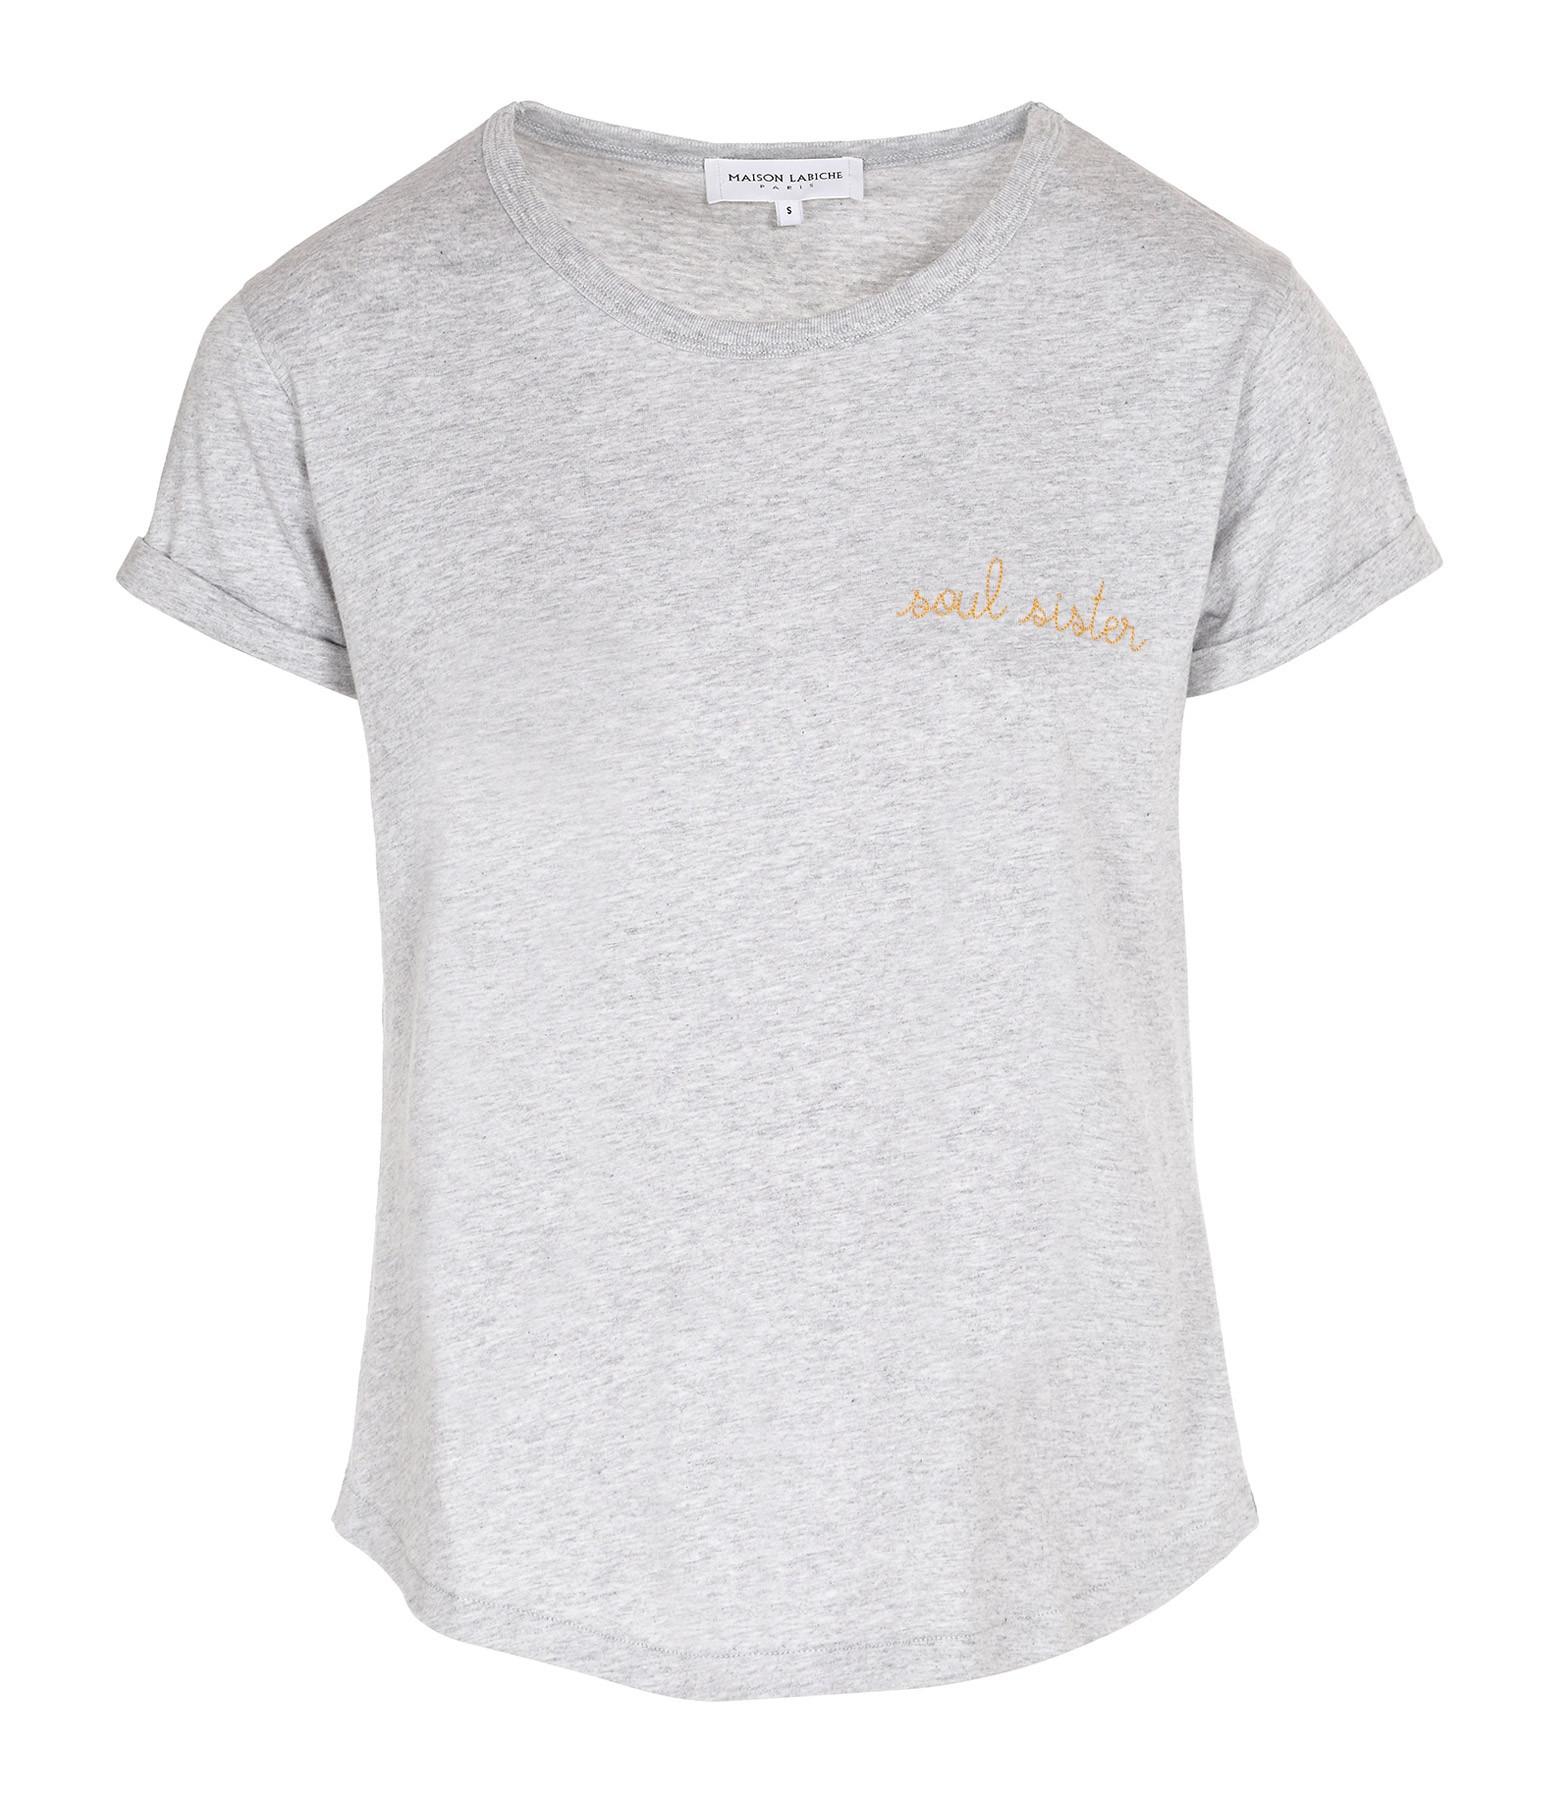 MAISON LABICHE - Tee-shirt Soulsister Gris Clair Chiné Doré